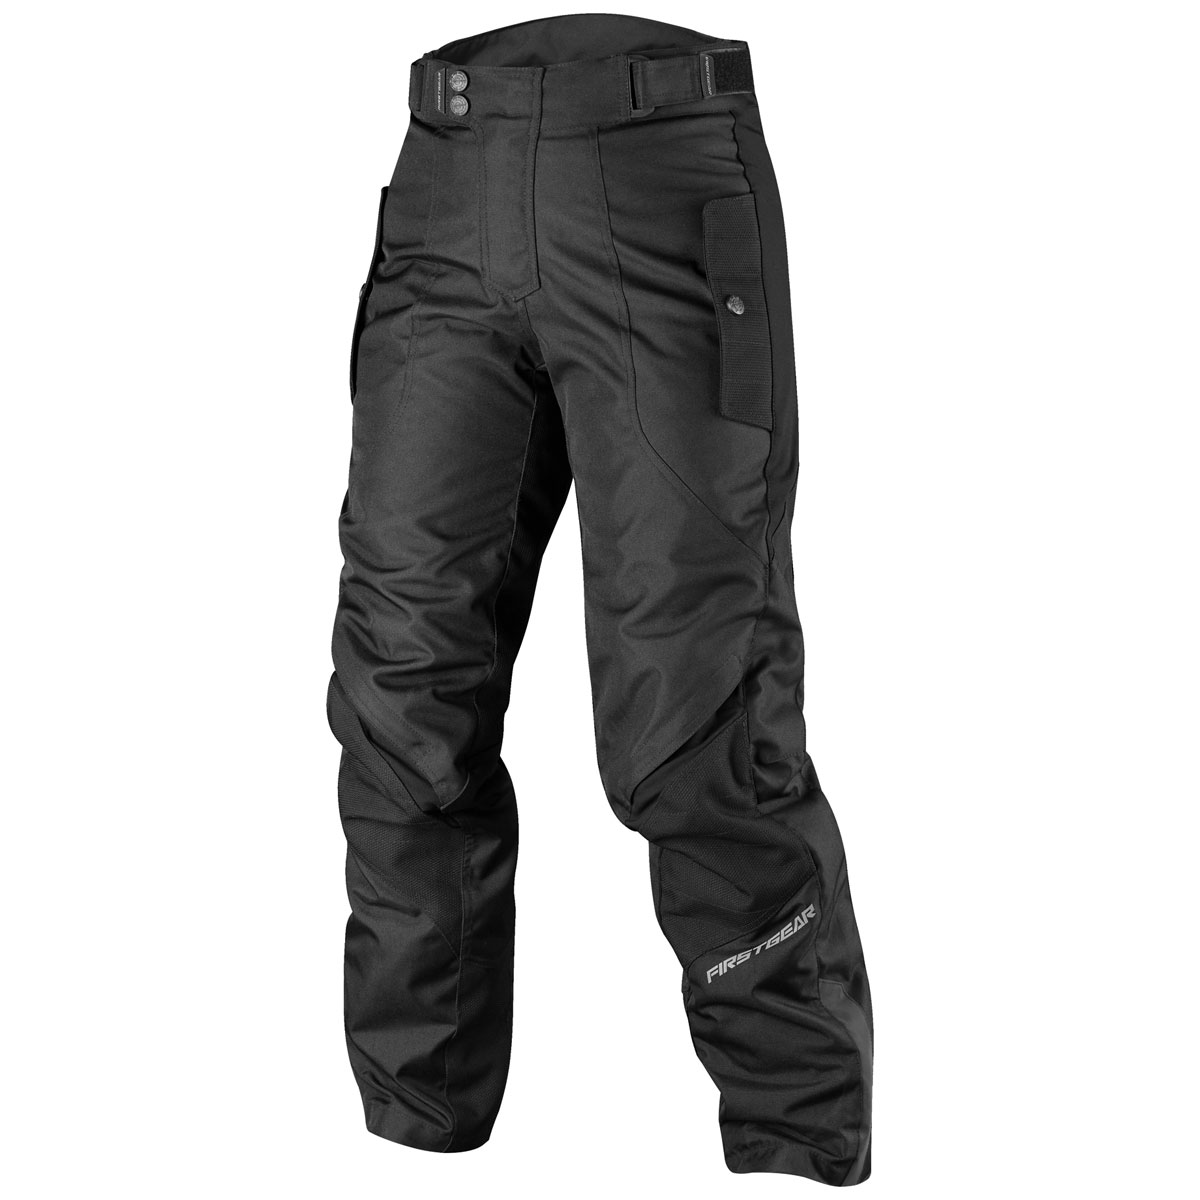 Firstgear Women's Voyage Black Textile Pants